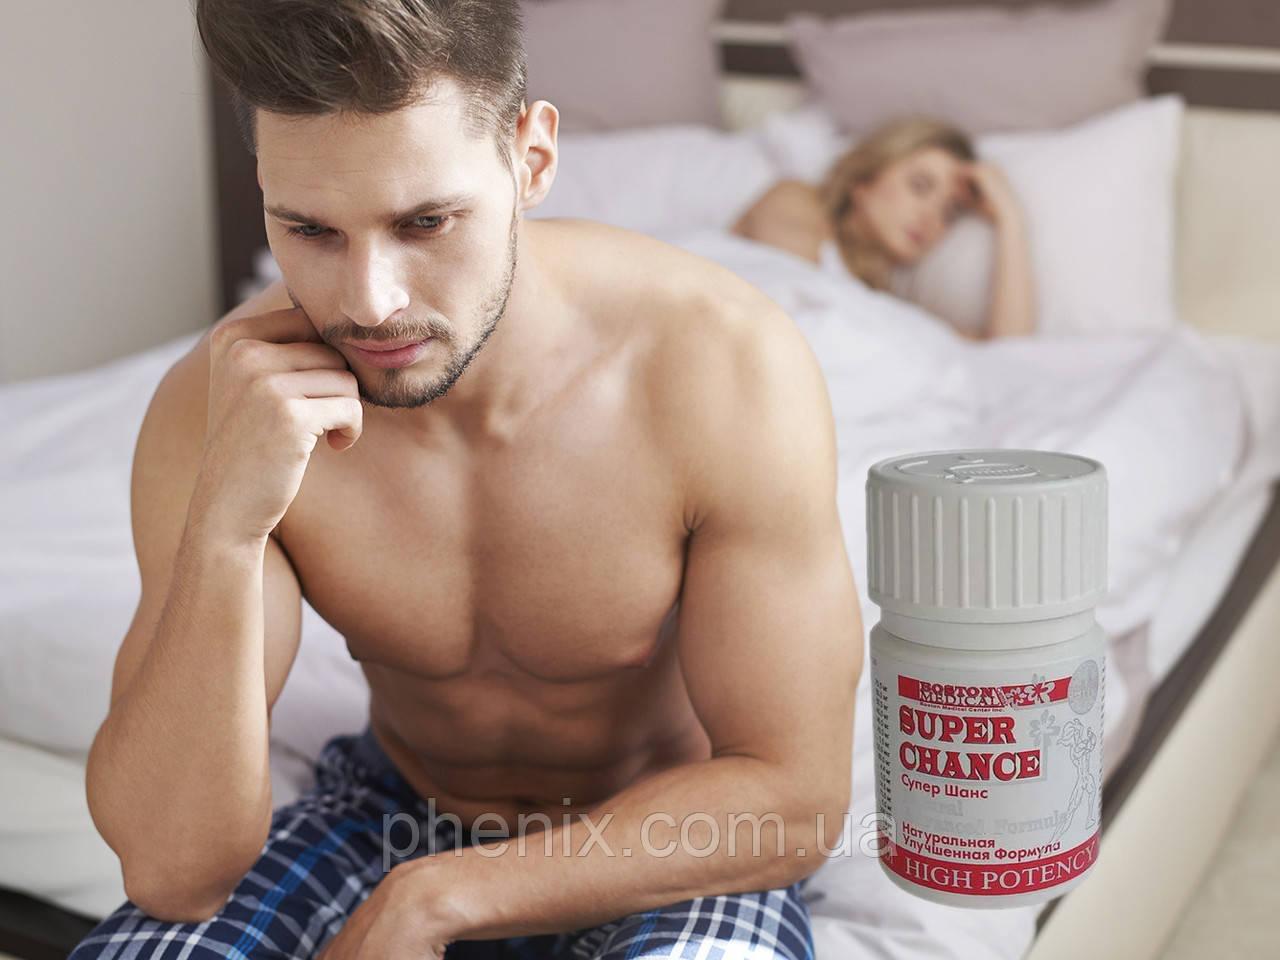 Super Chance (Супер Шанс) натуральный препарат для восстановления потенции